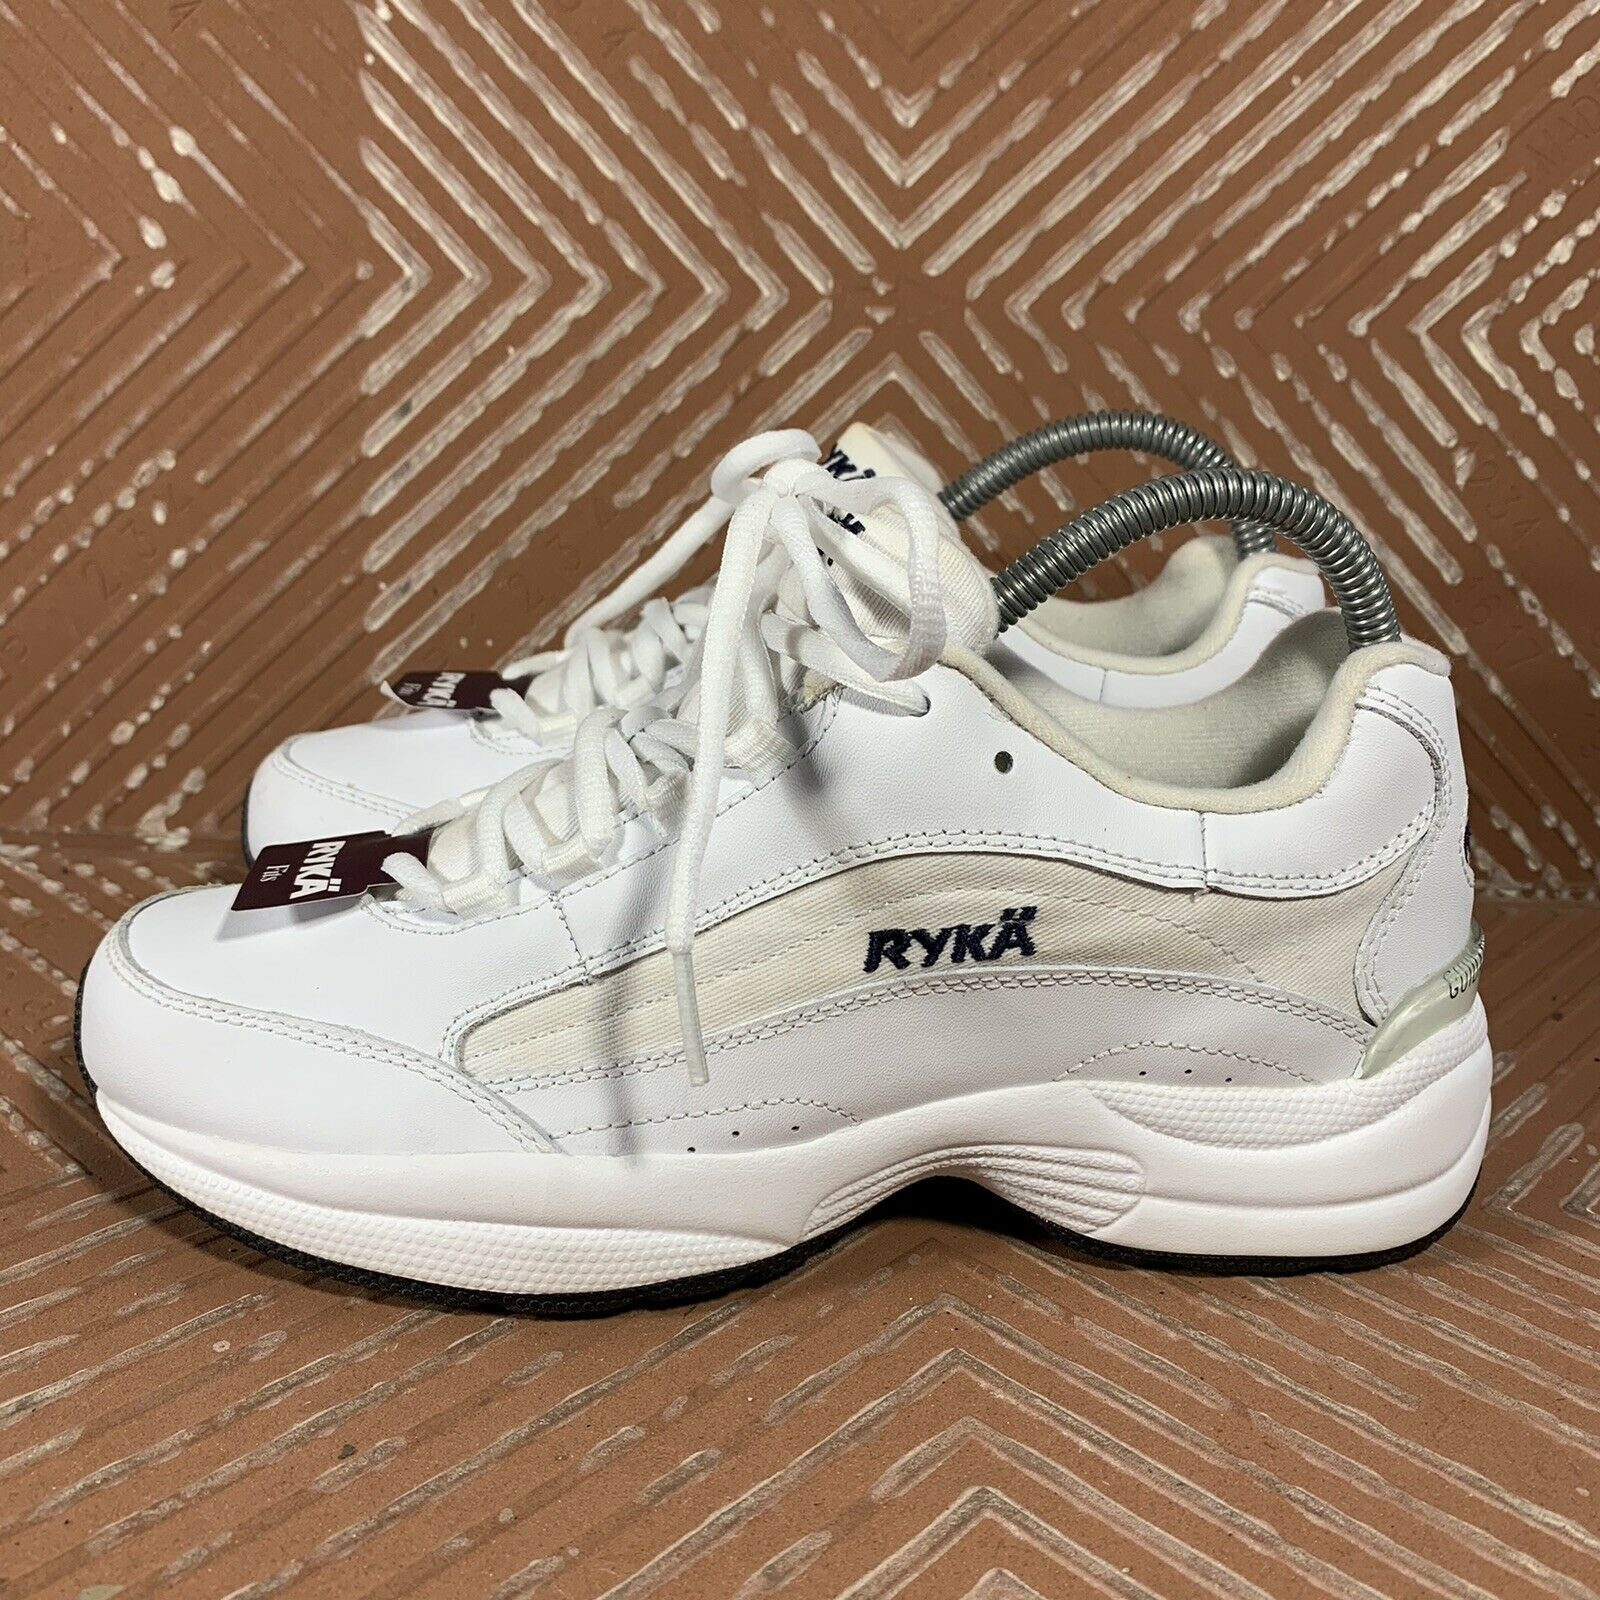 Ryka Contour White Leather Walking